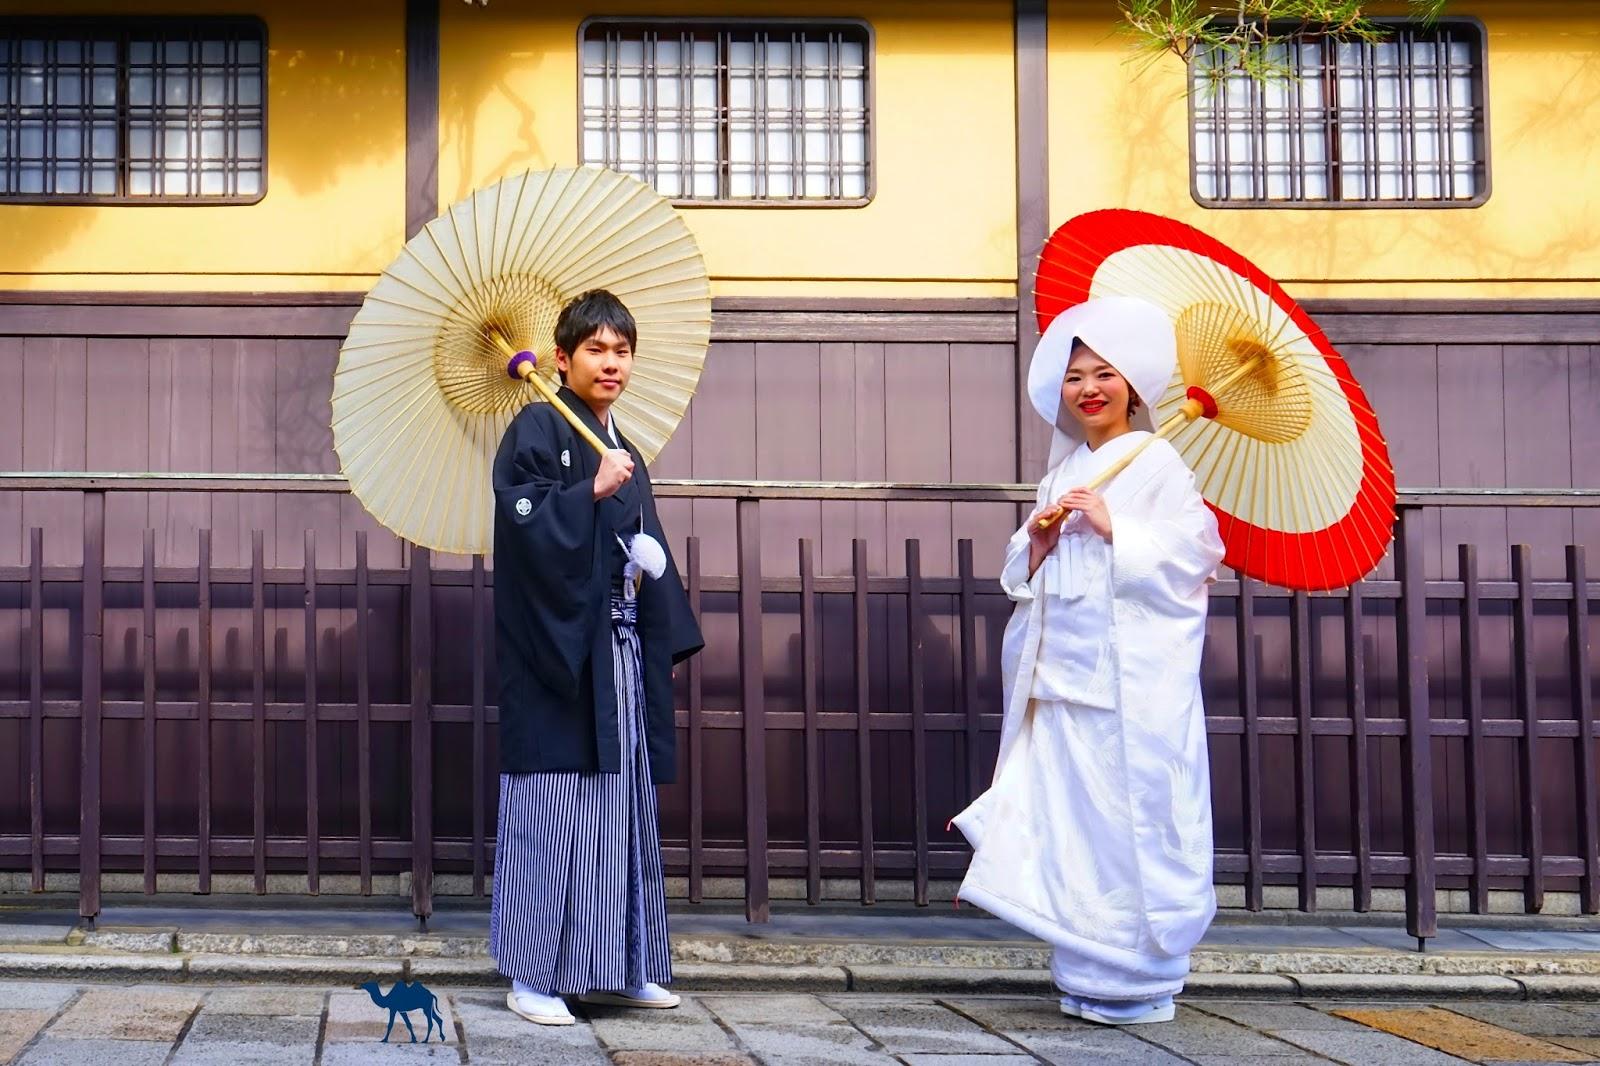 Mariage Japonais Kyoto - Le Chameau Bleu - Blog Voyage Japon -Choses à Savoir sur le Japon